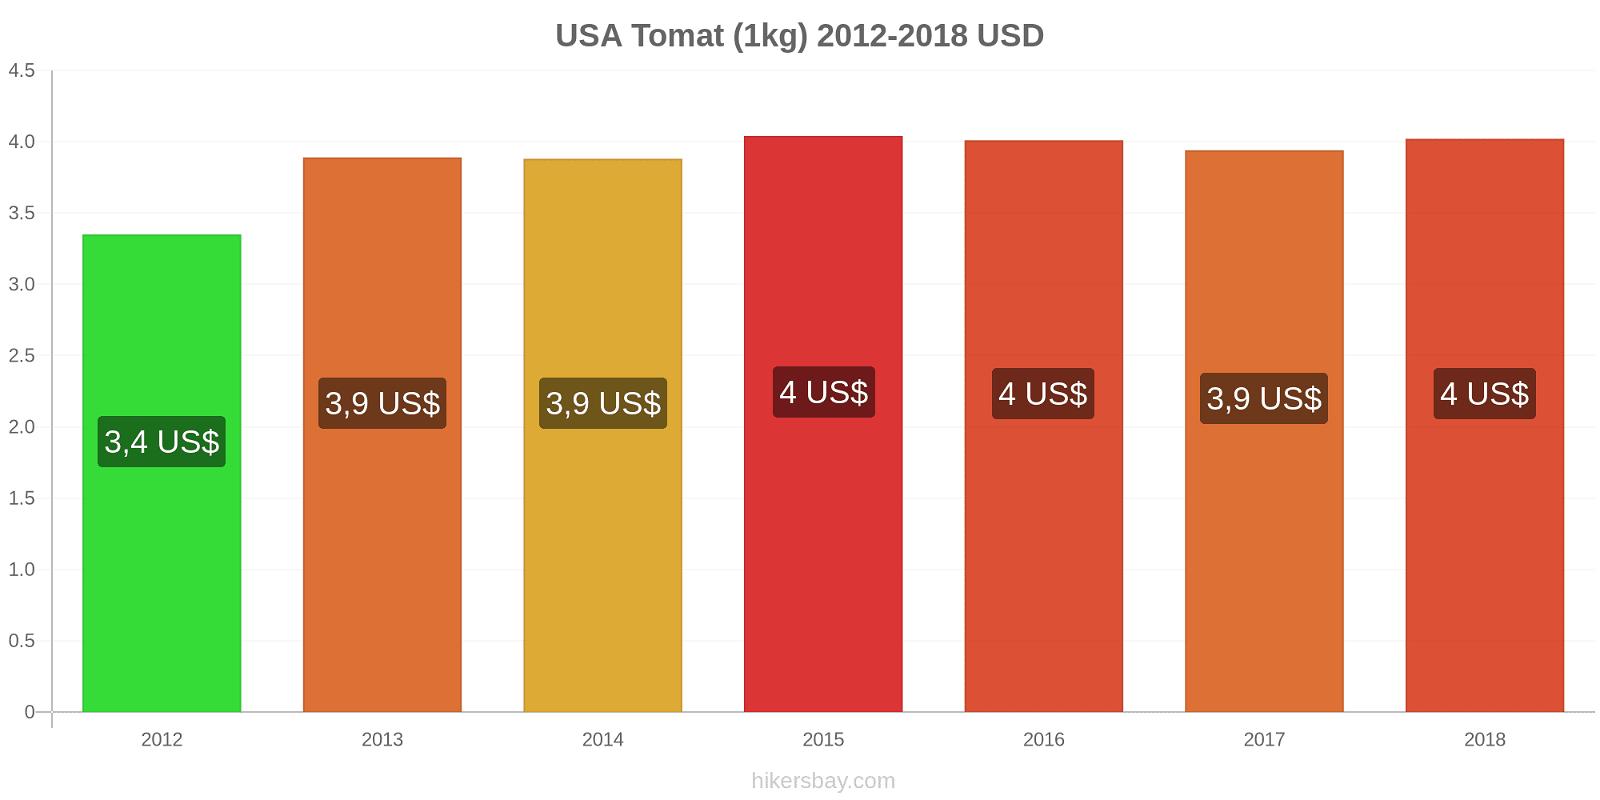 USA prisförändringar Tomat (1kg) hikersbay.com